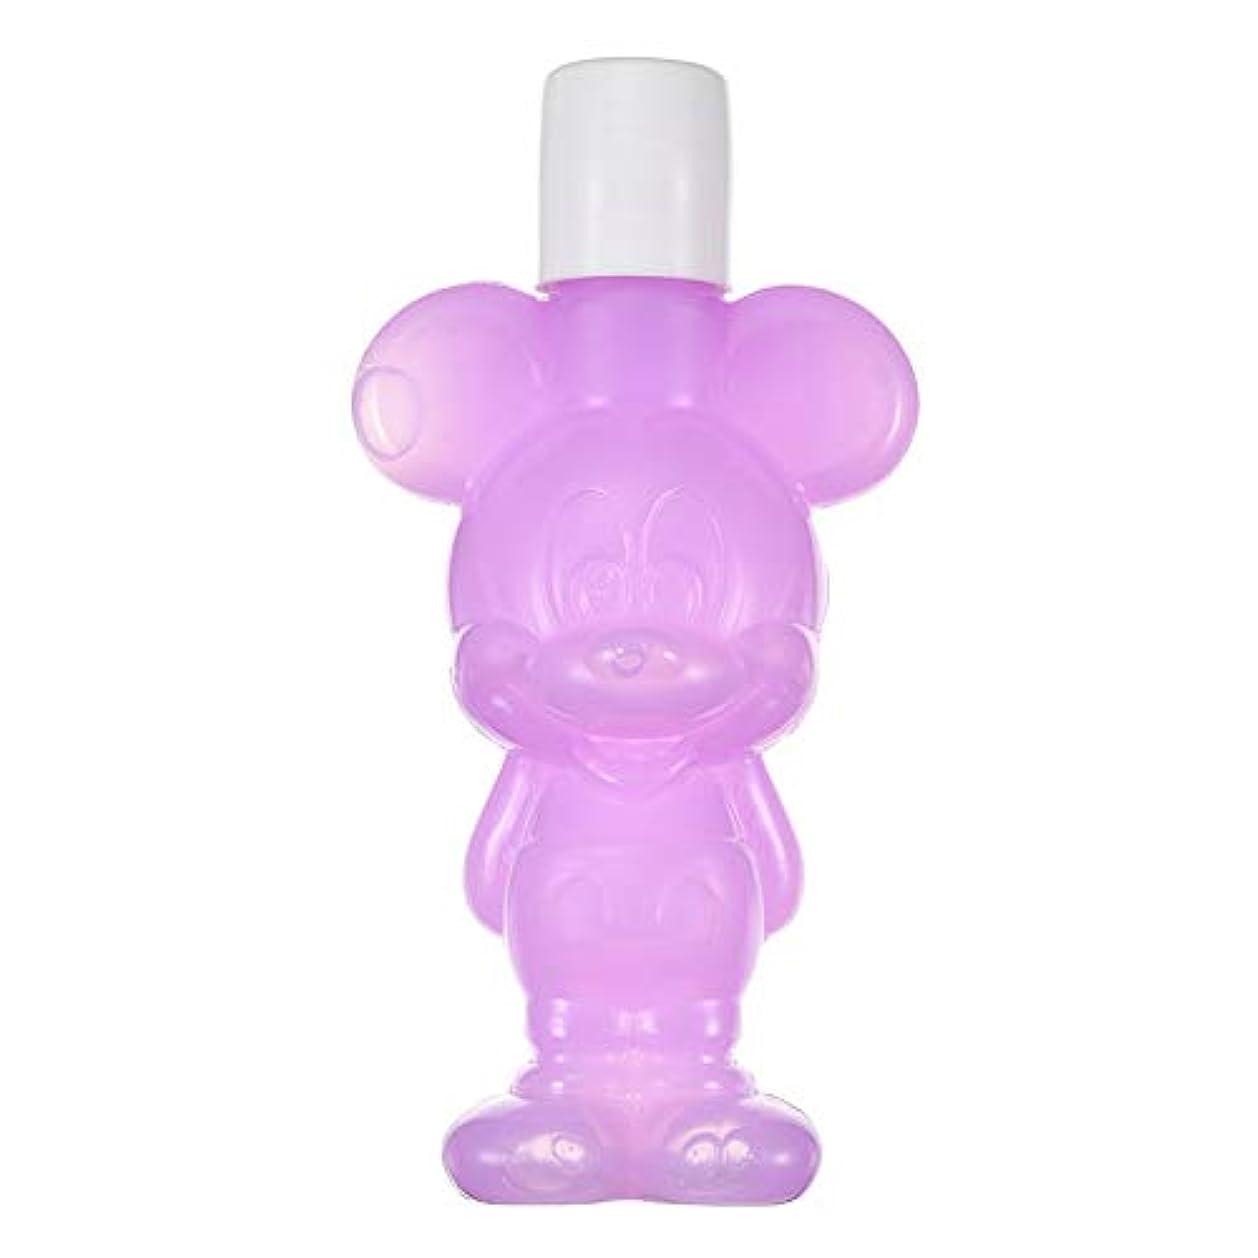 ディズニーストア(公式)保湿ジェル ミッキー パープル Gummy Candy Cosme